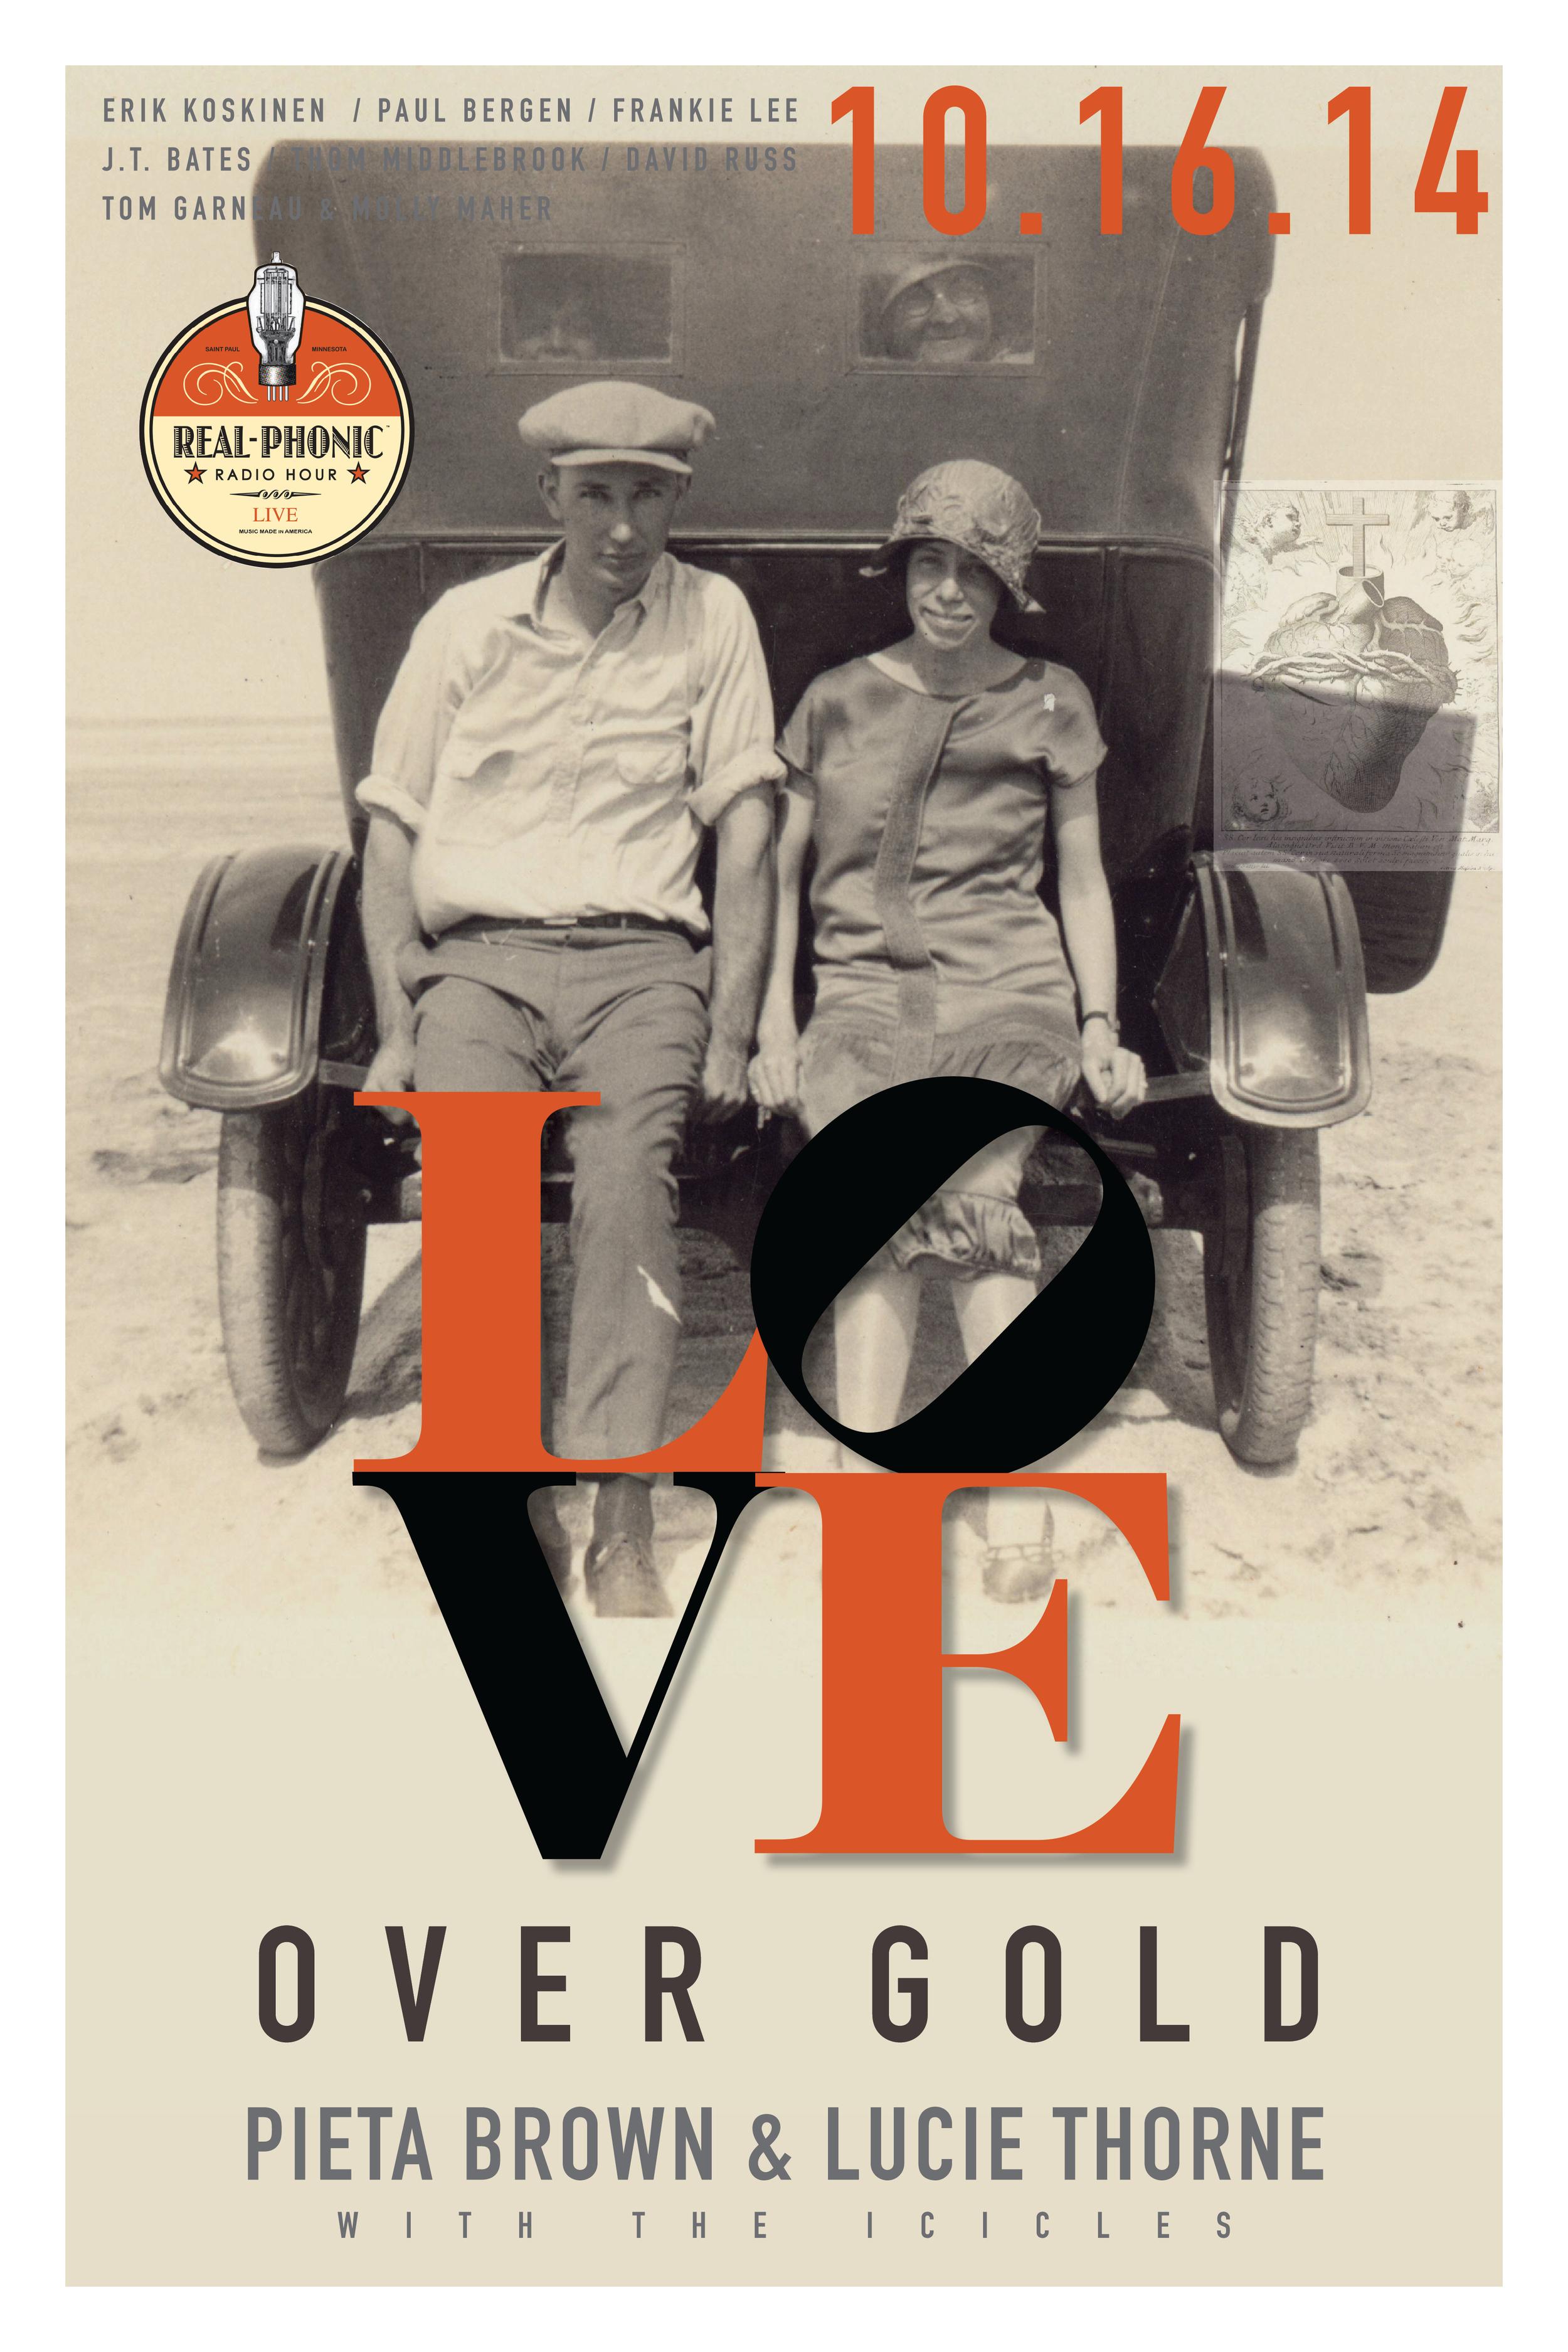 Love Over Gold Poster2.jpg